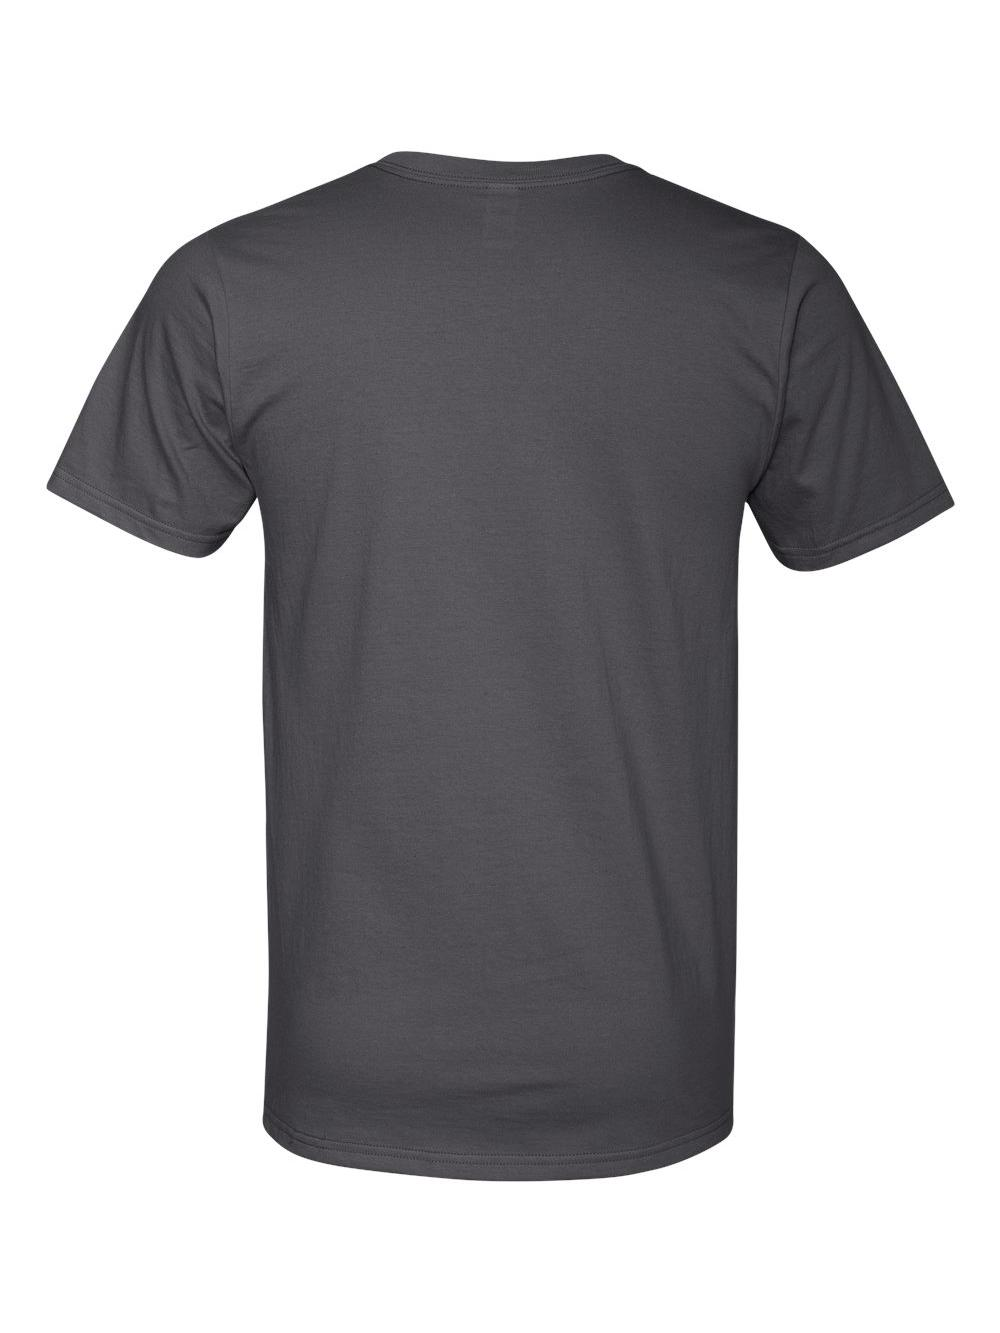 Anvil-Lightweight-Ringspun-V-Neck-T-Shirt-982 thumbnail 7